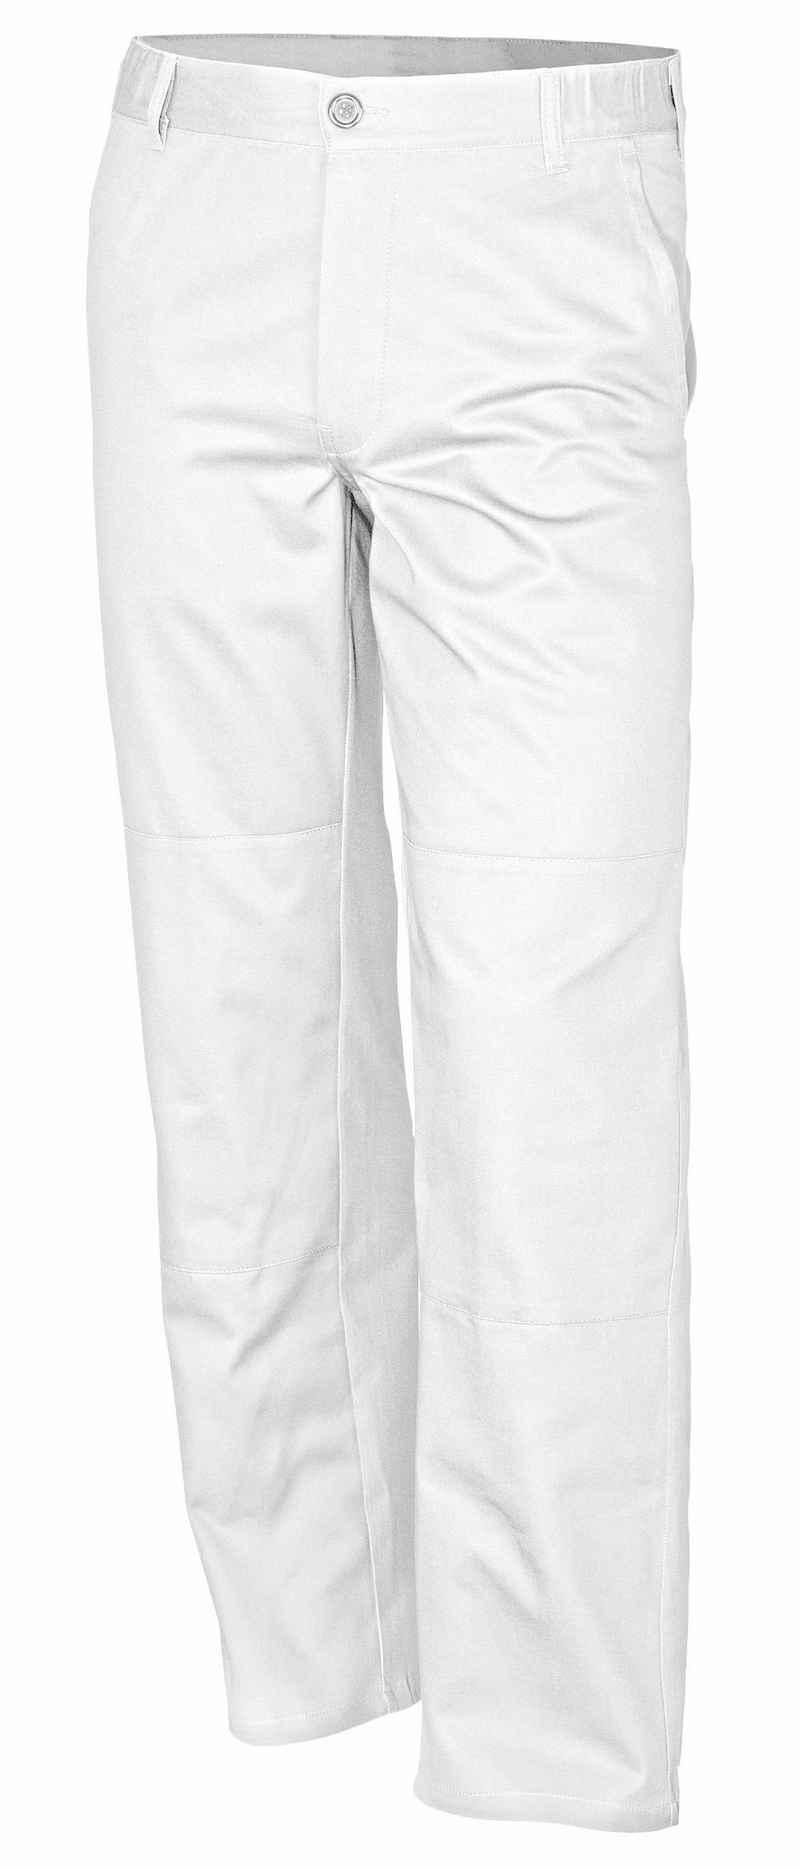 QUALITEX HIGH QUALITY WORKWEAR Arbeitshose »basic« (1-tlg) Arbeitsbundhose mit 4 Taschen - Blickdicht - Strapazierfähig - Pflegeleicht - Waschbar